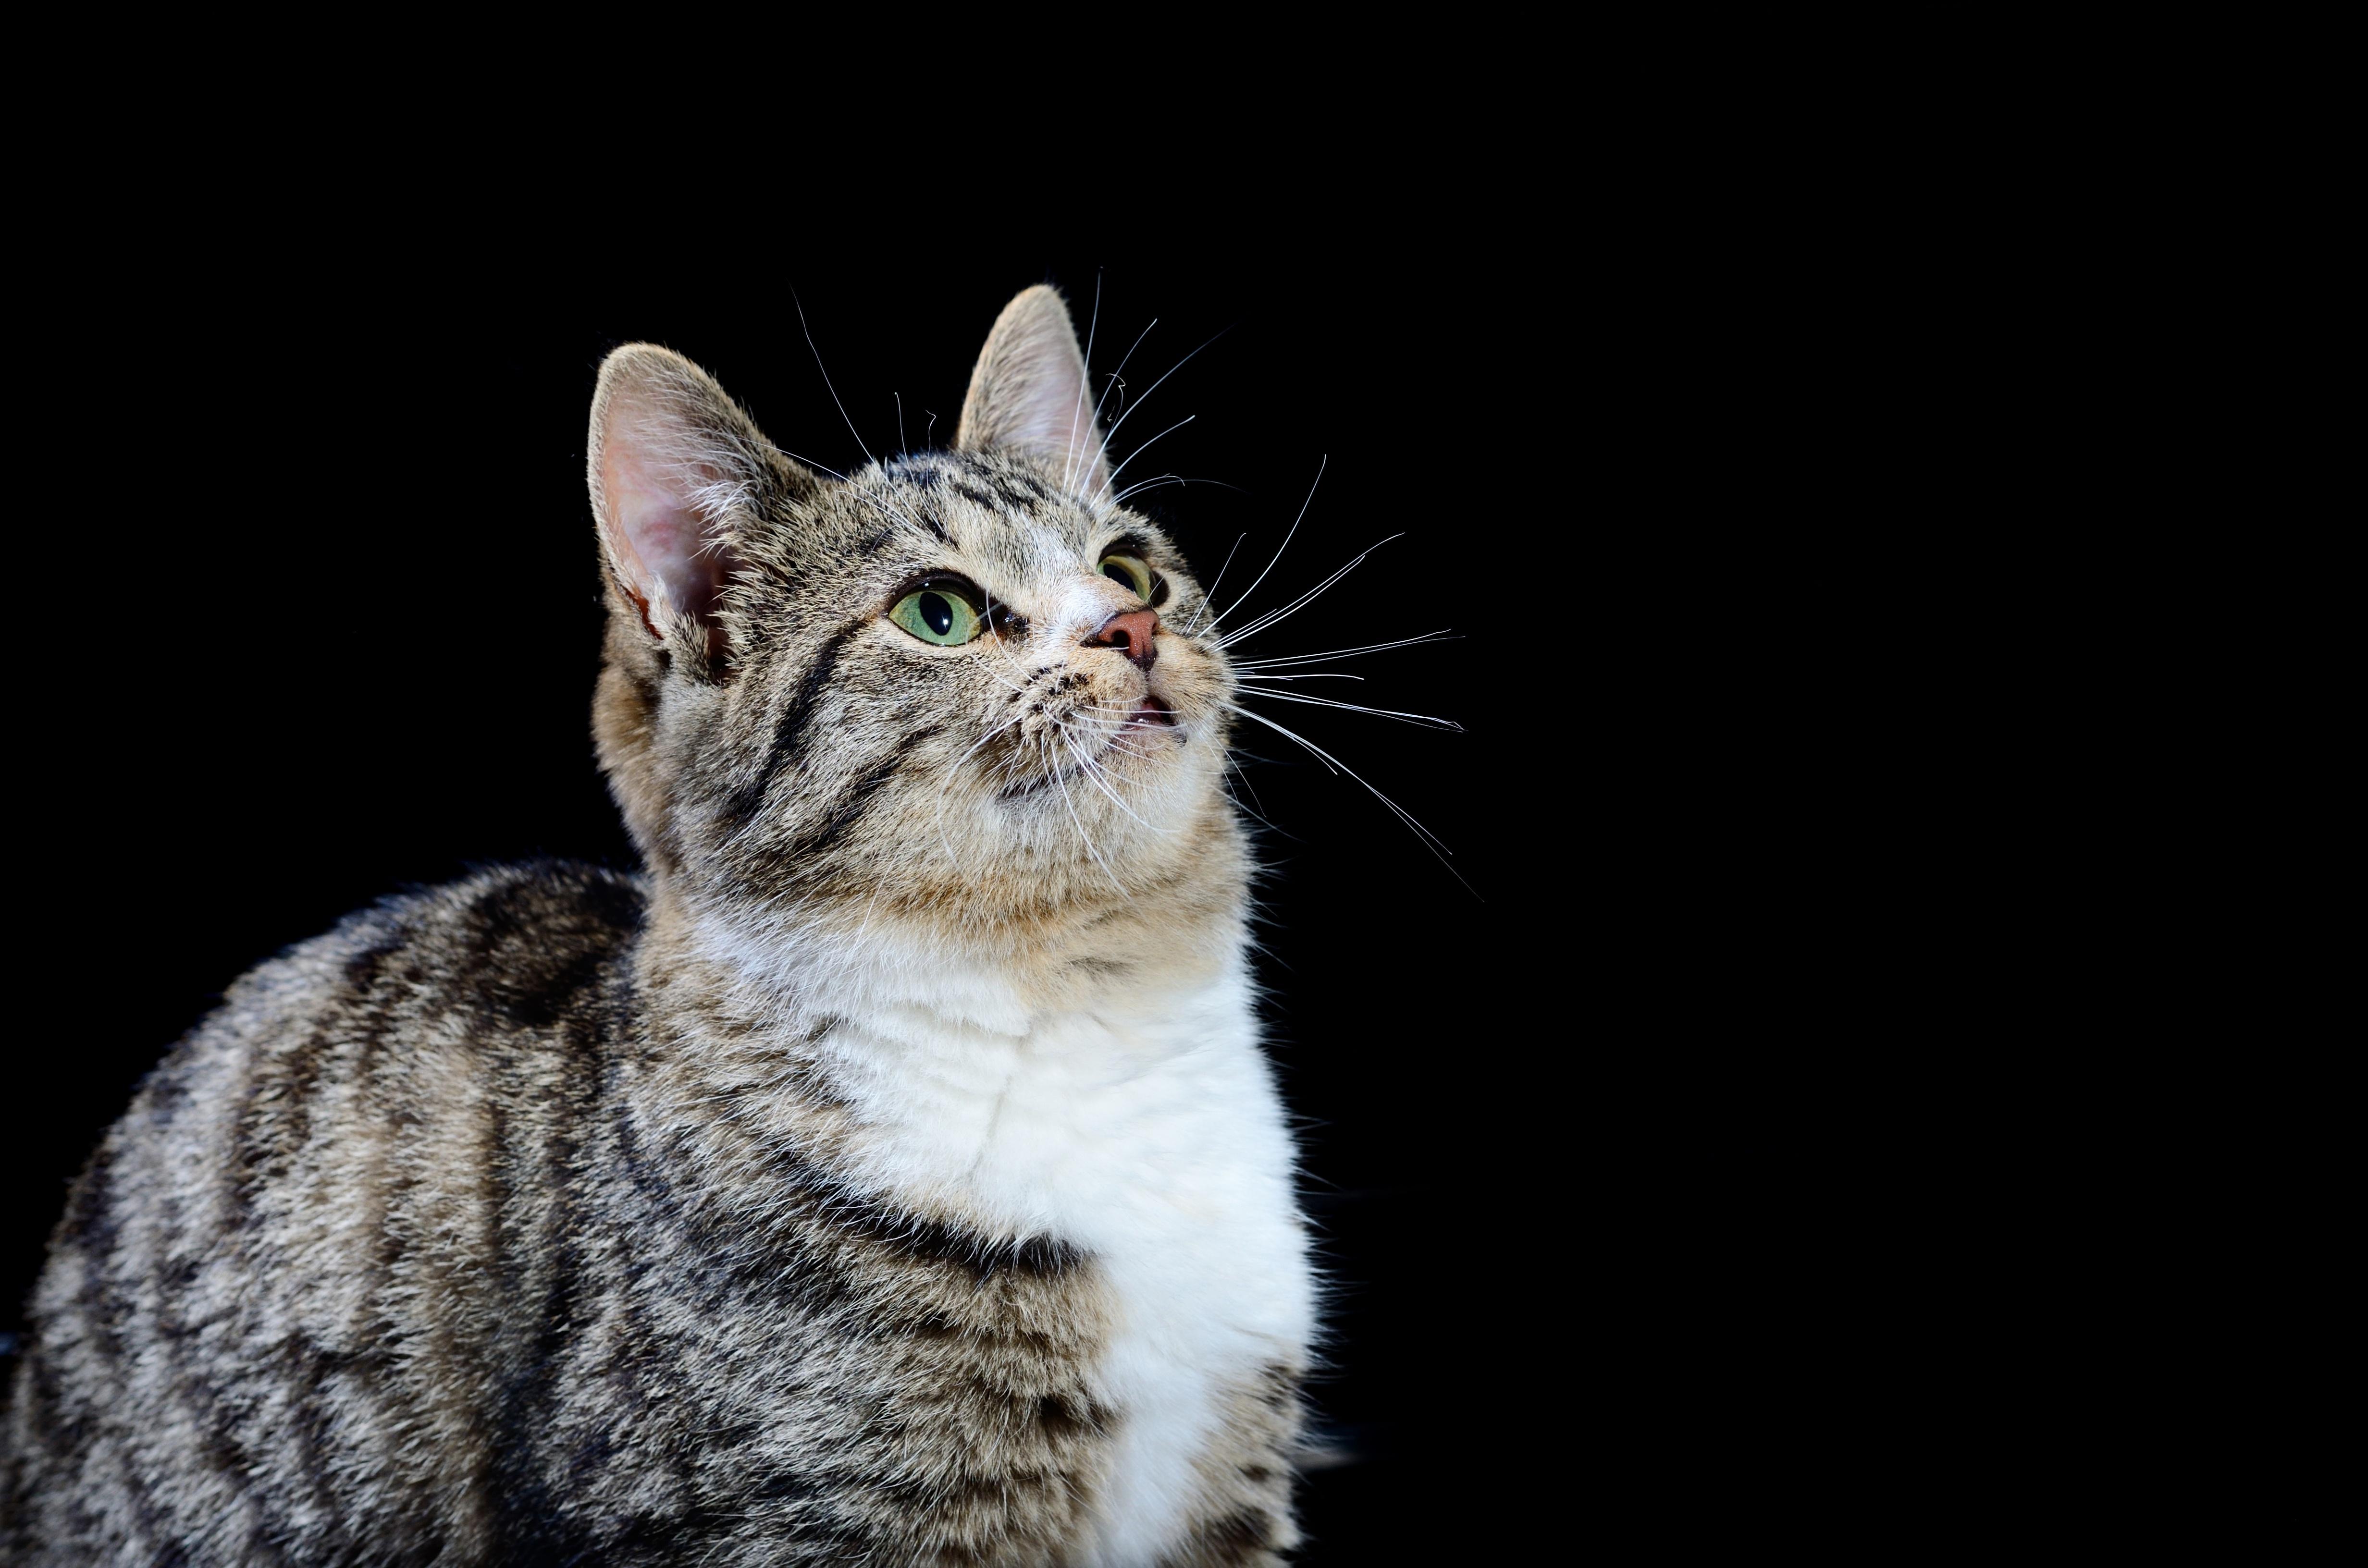 cat-kitten-health-safety-tips-book-mobile.jpg